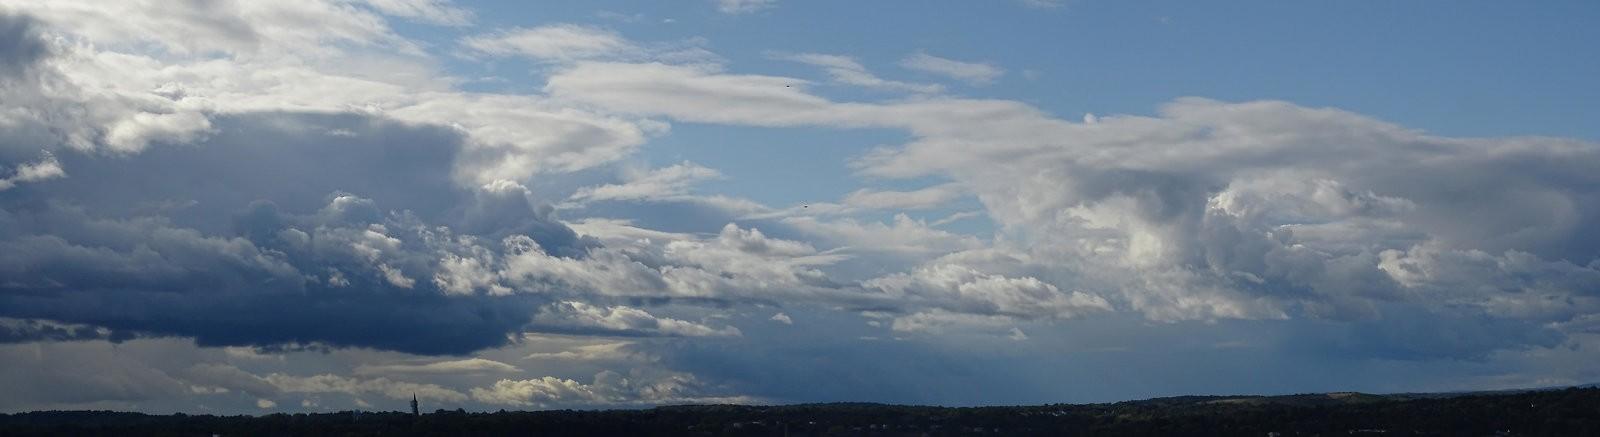 HX400V Oakwood skies 056_stitch.jpg